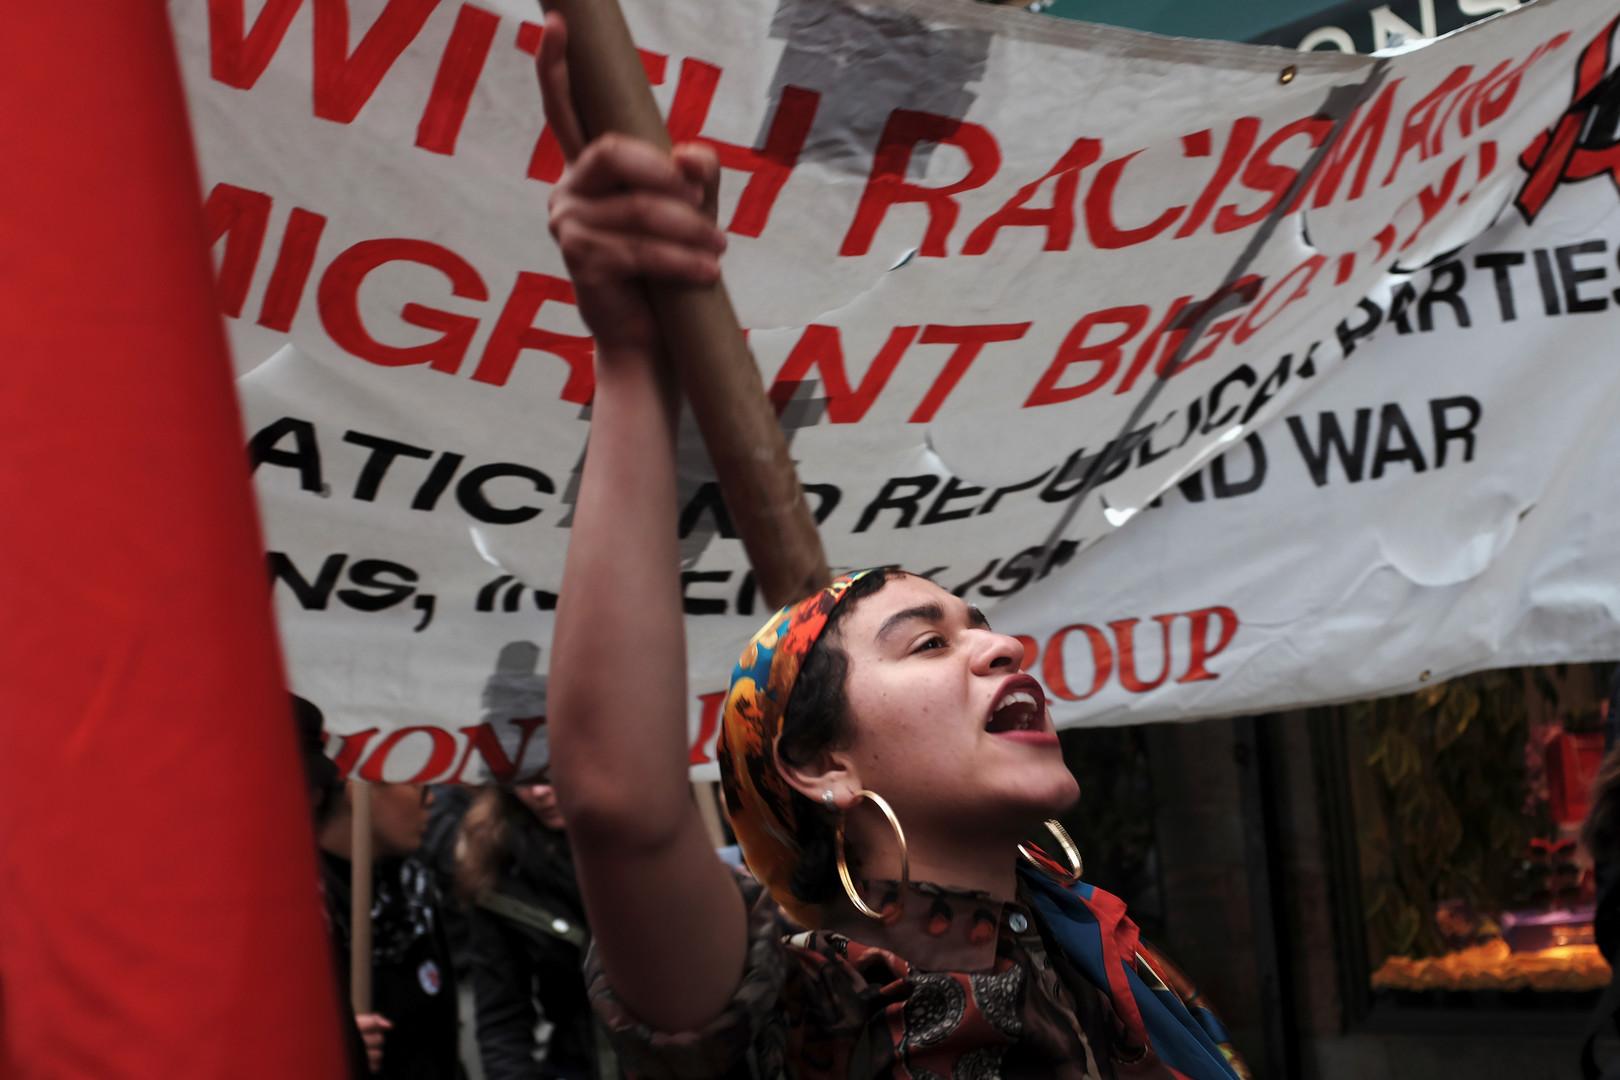 In Italien wurde gegen Rassismus und Krieg protestiert.